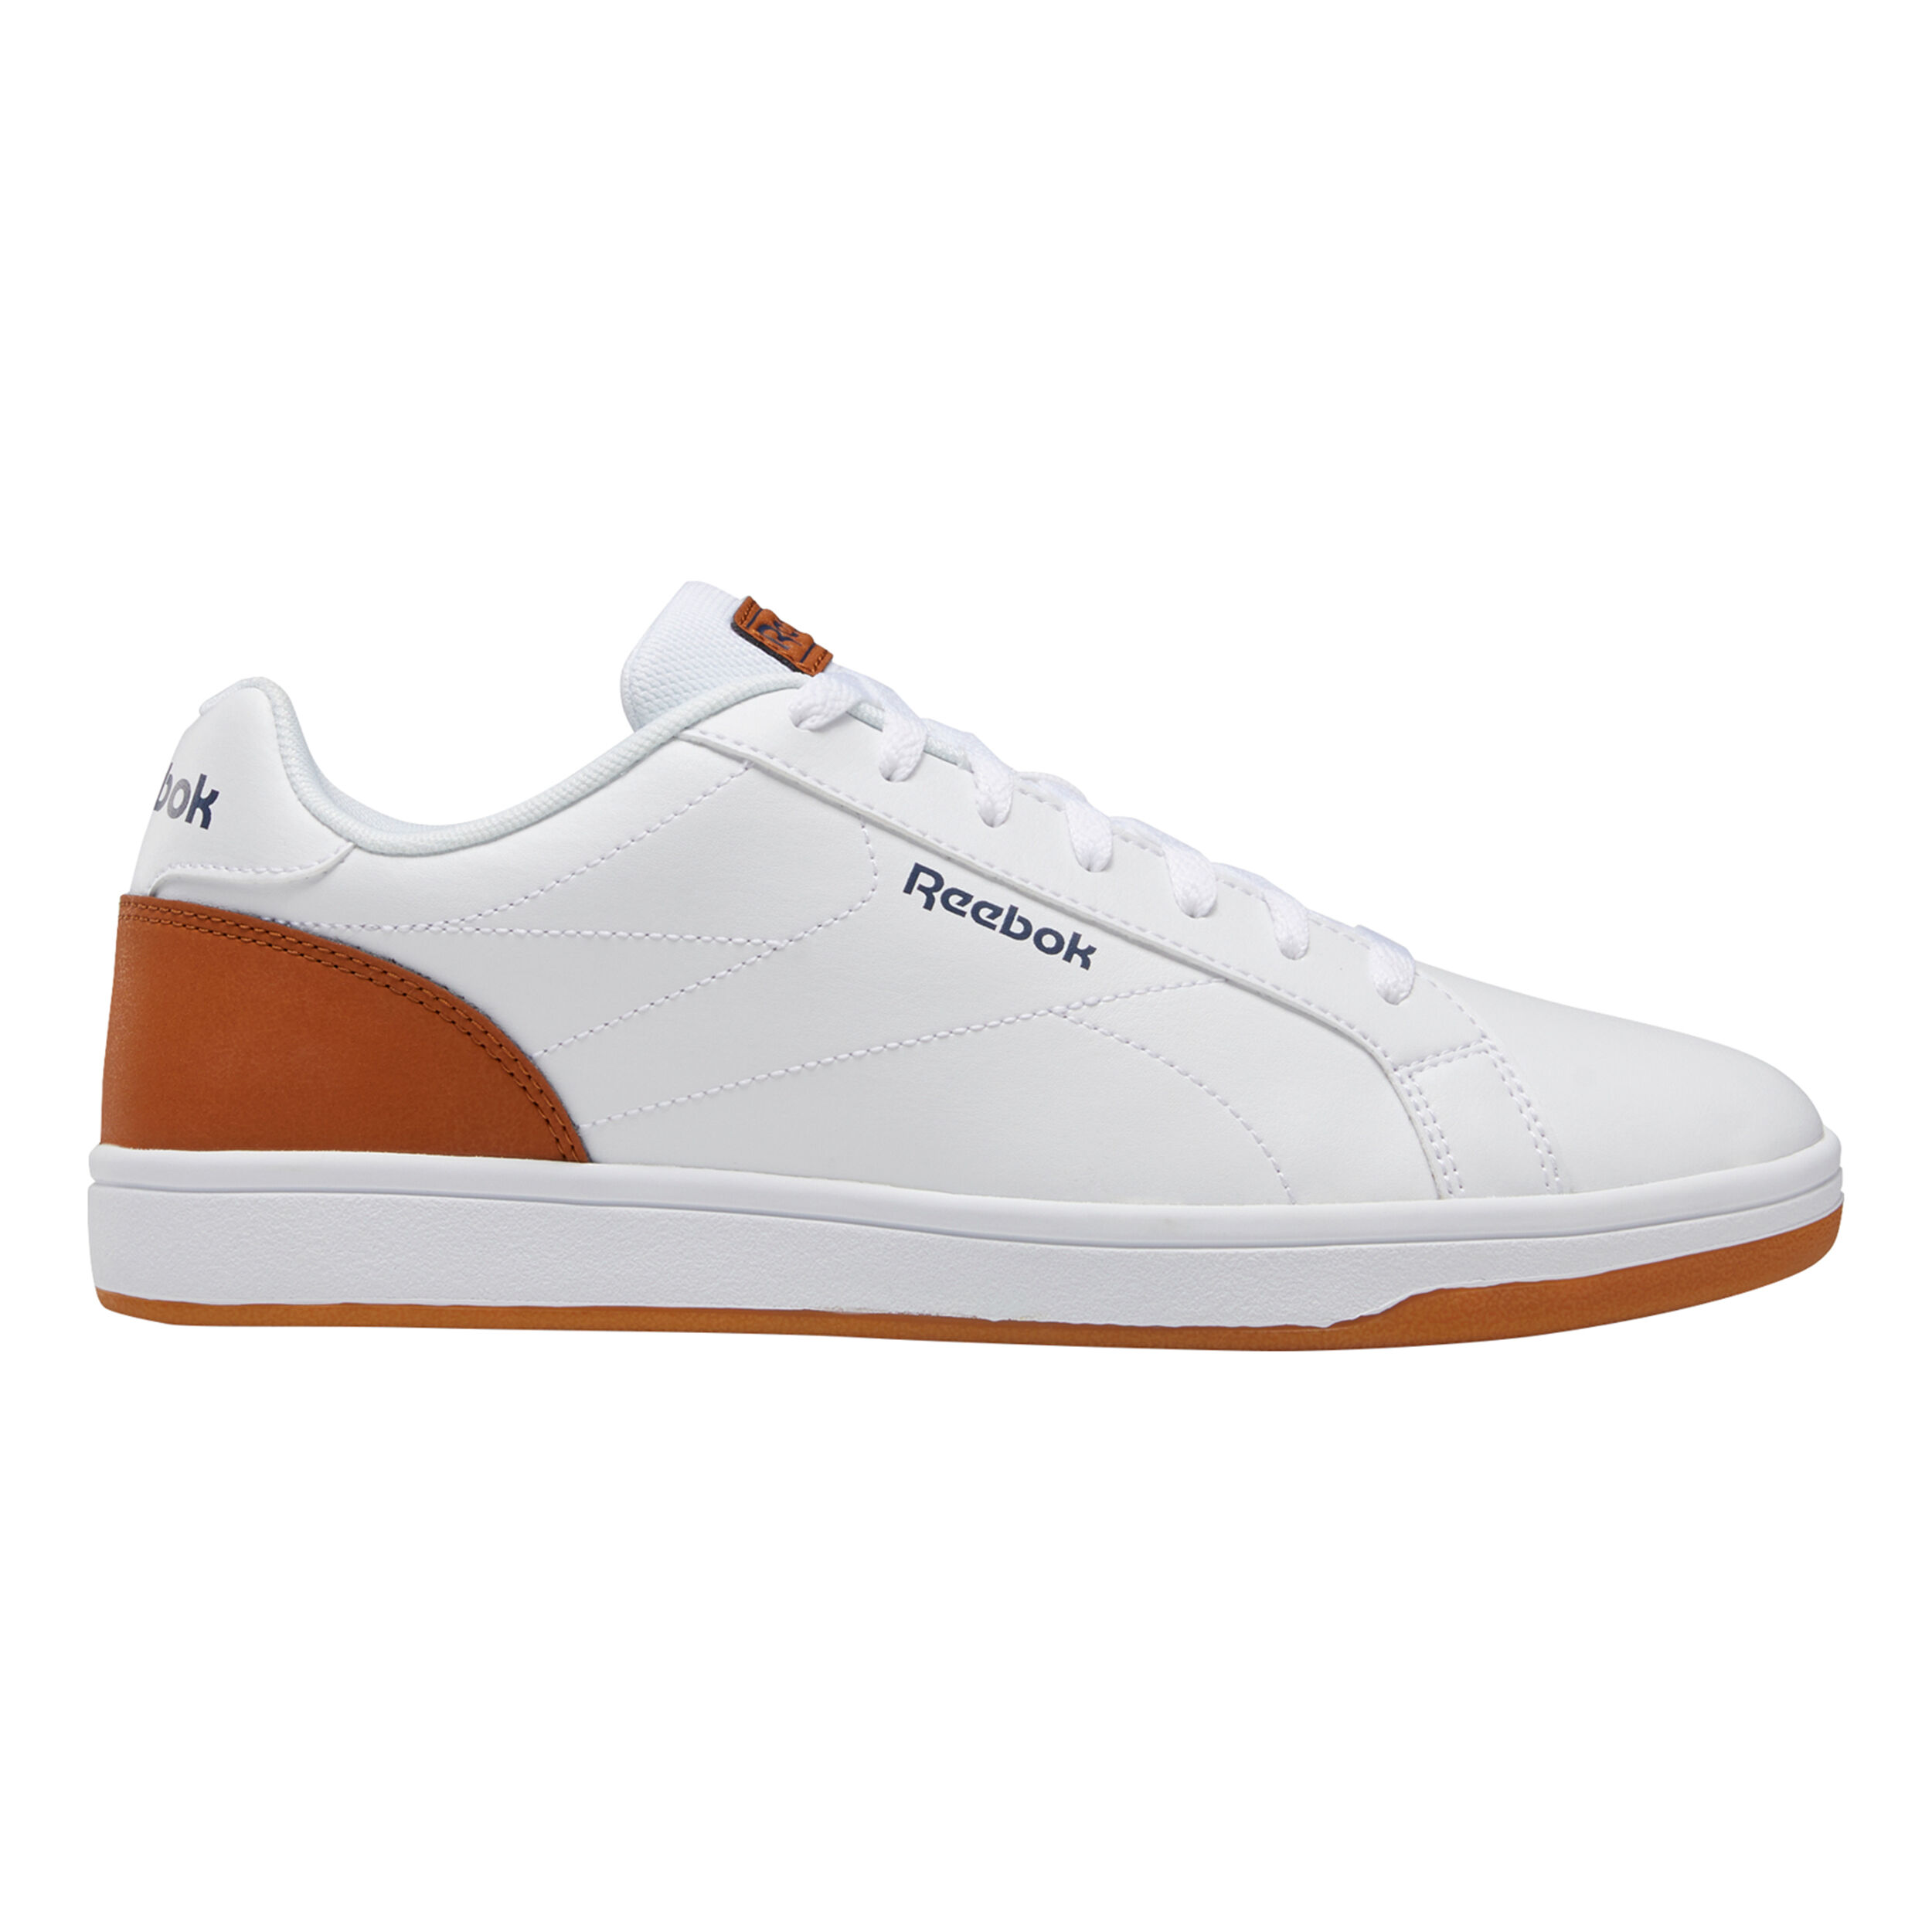 Reebok Royal Complete CLN Sneakers Men White, Brown